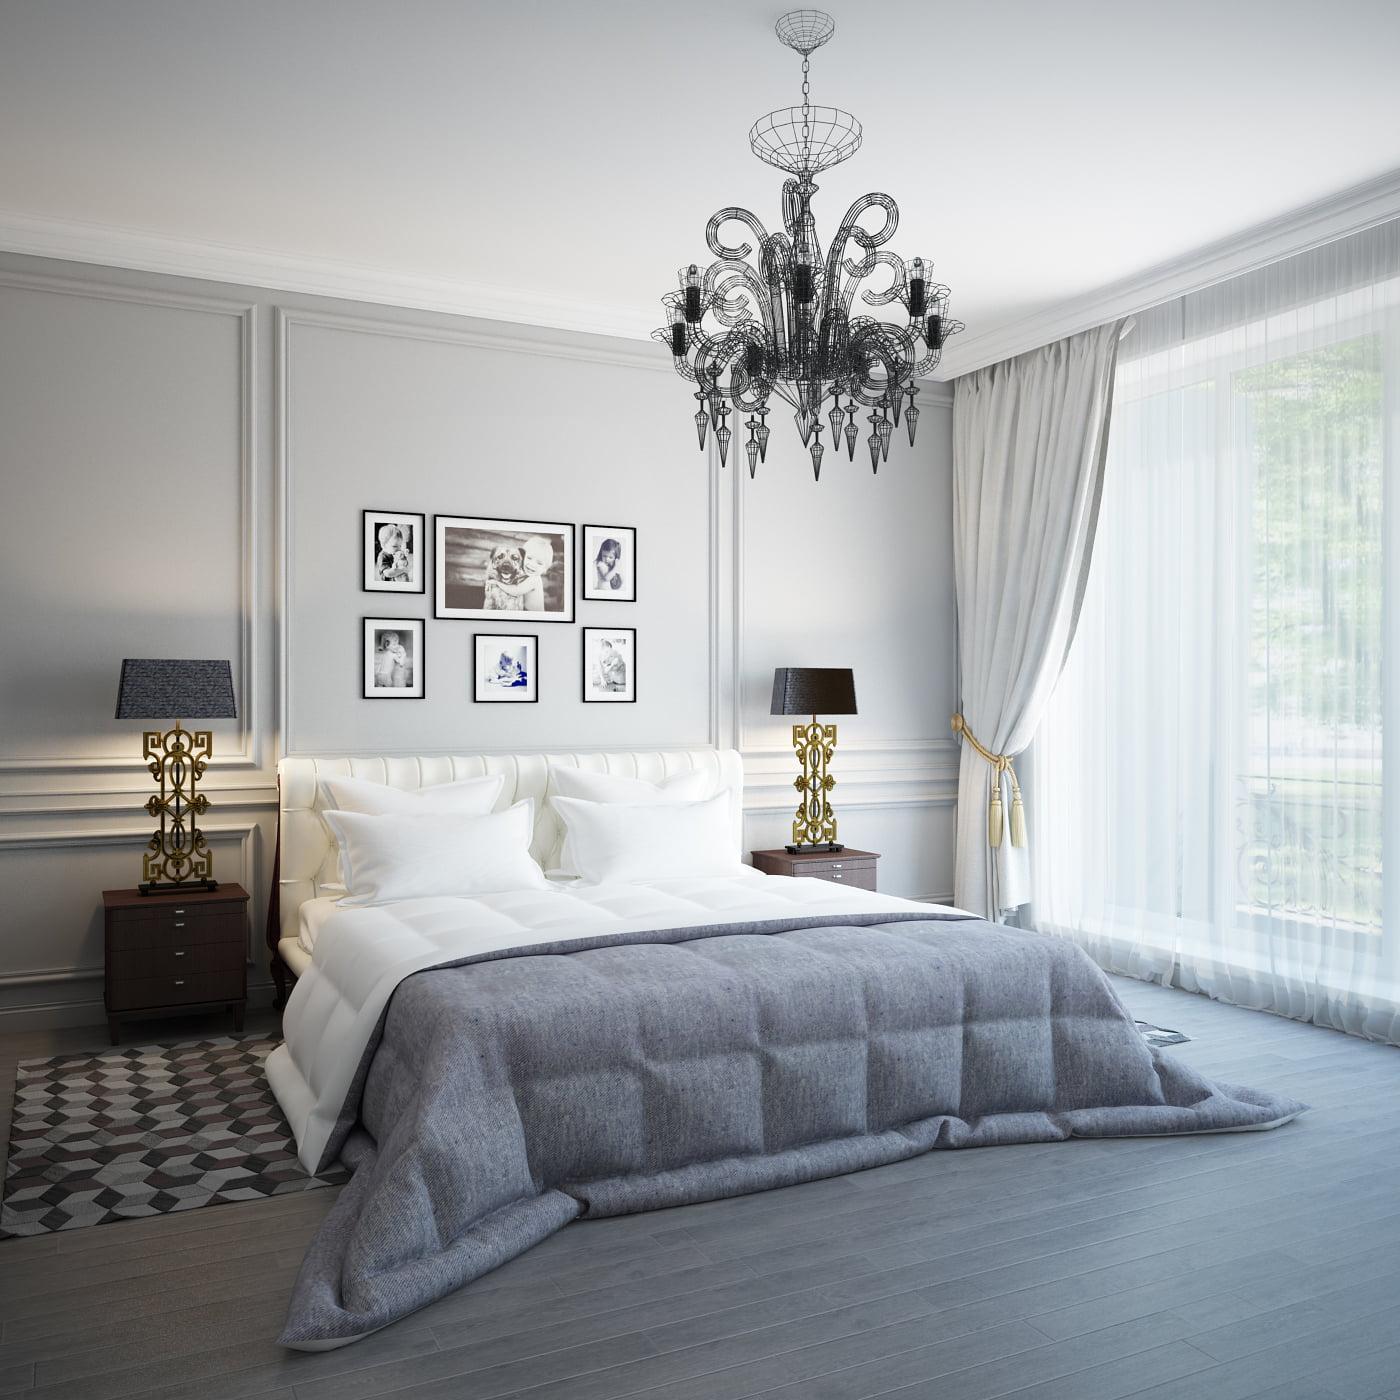 Diseño-de-dormitorio-moderno-Yury-Rybak - Constructora Paramount